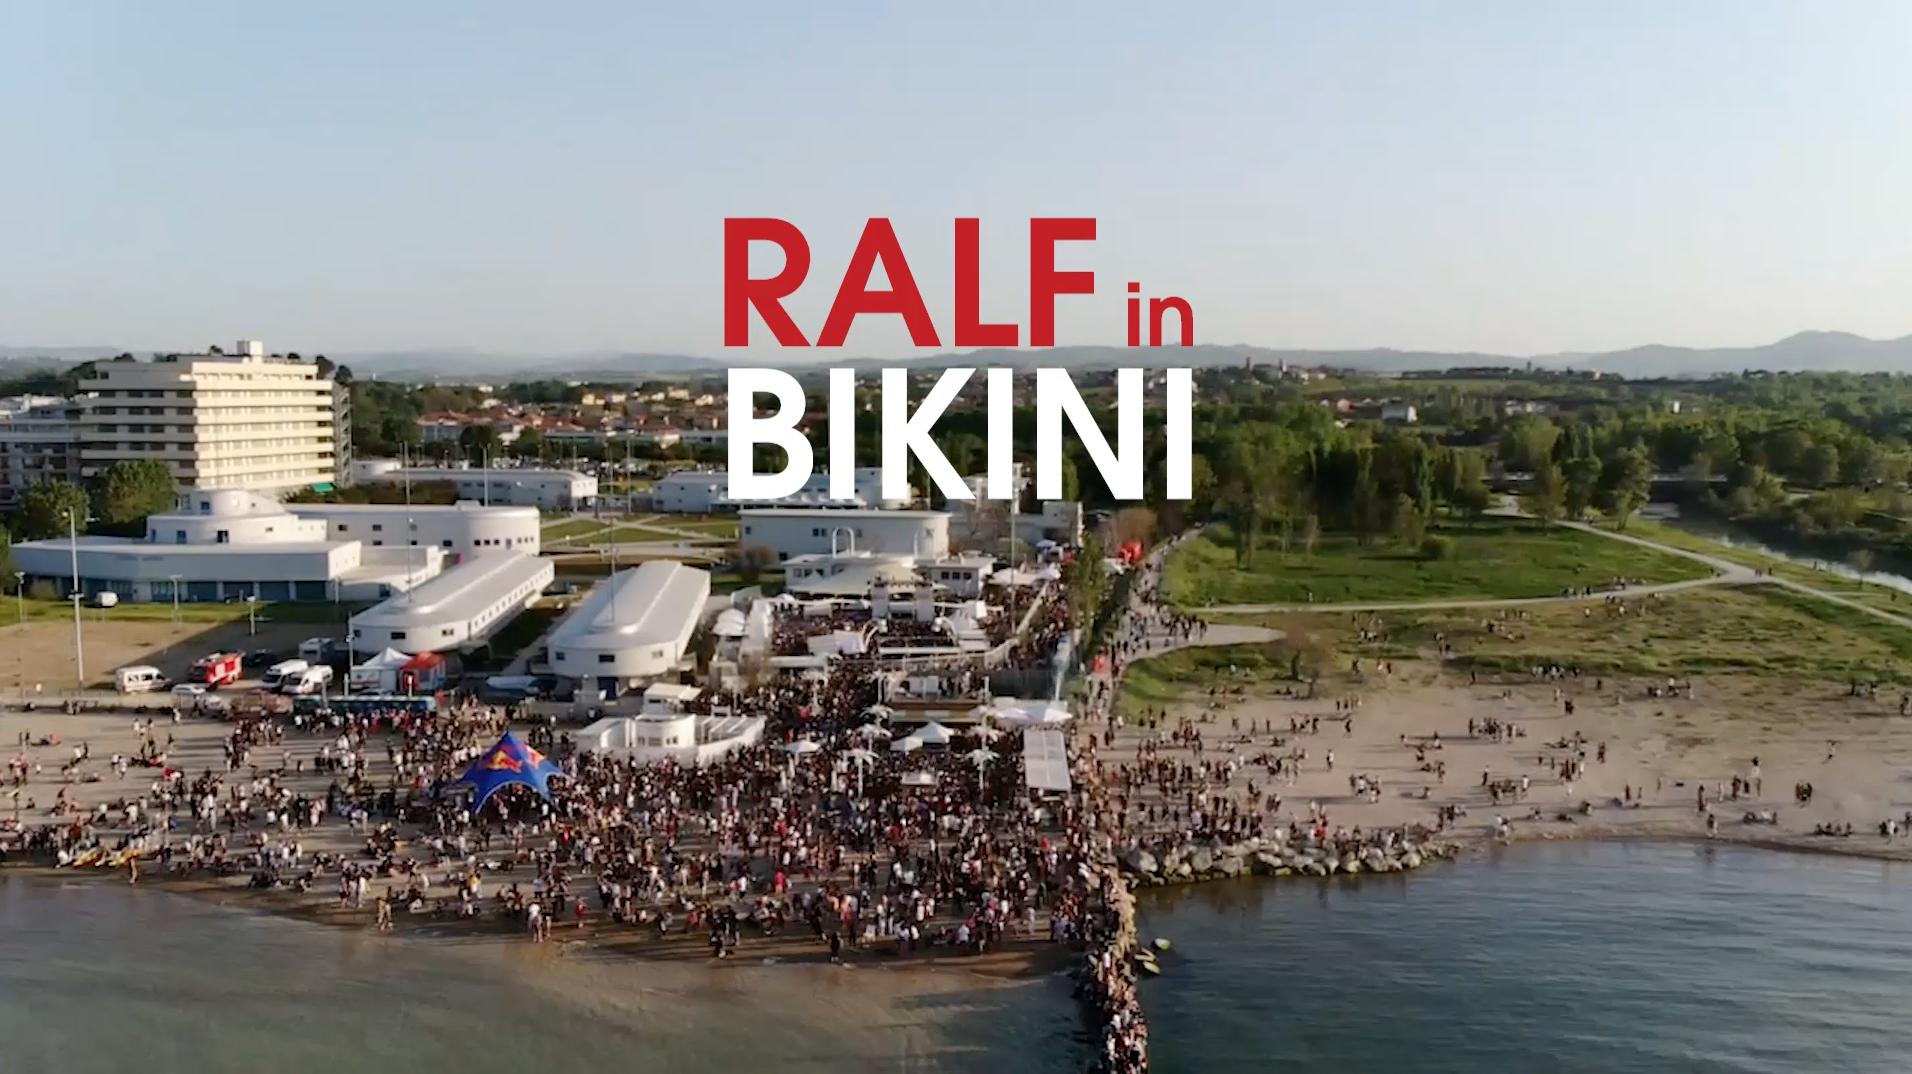 Ralf in bikini